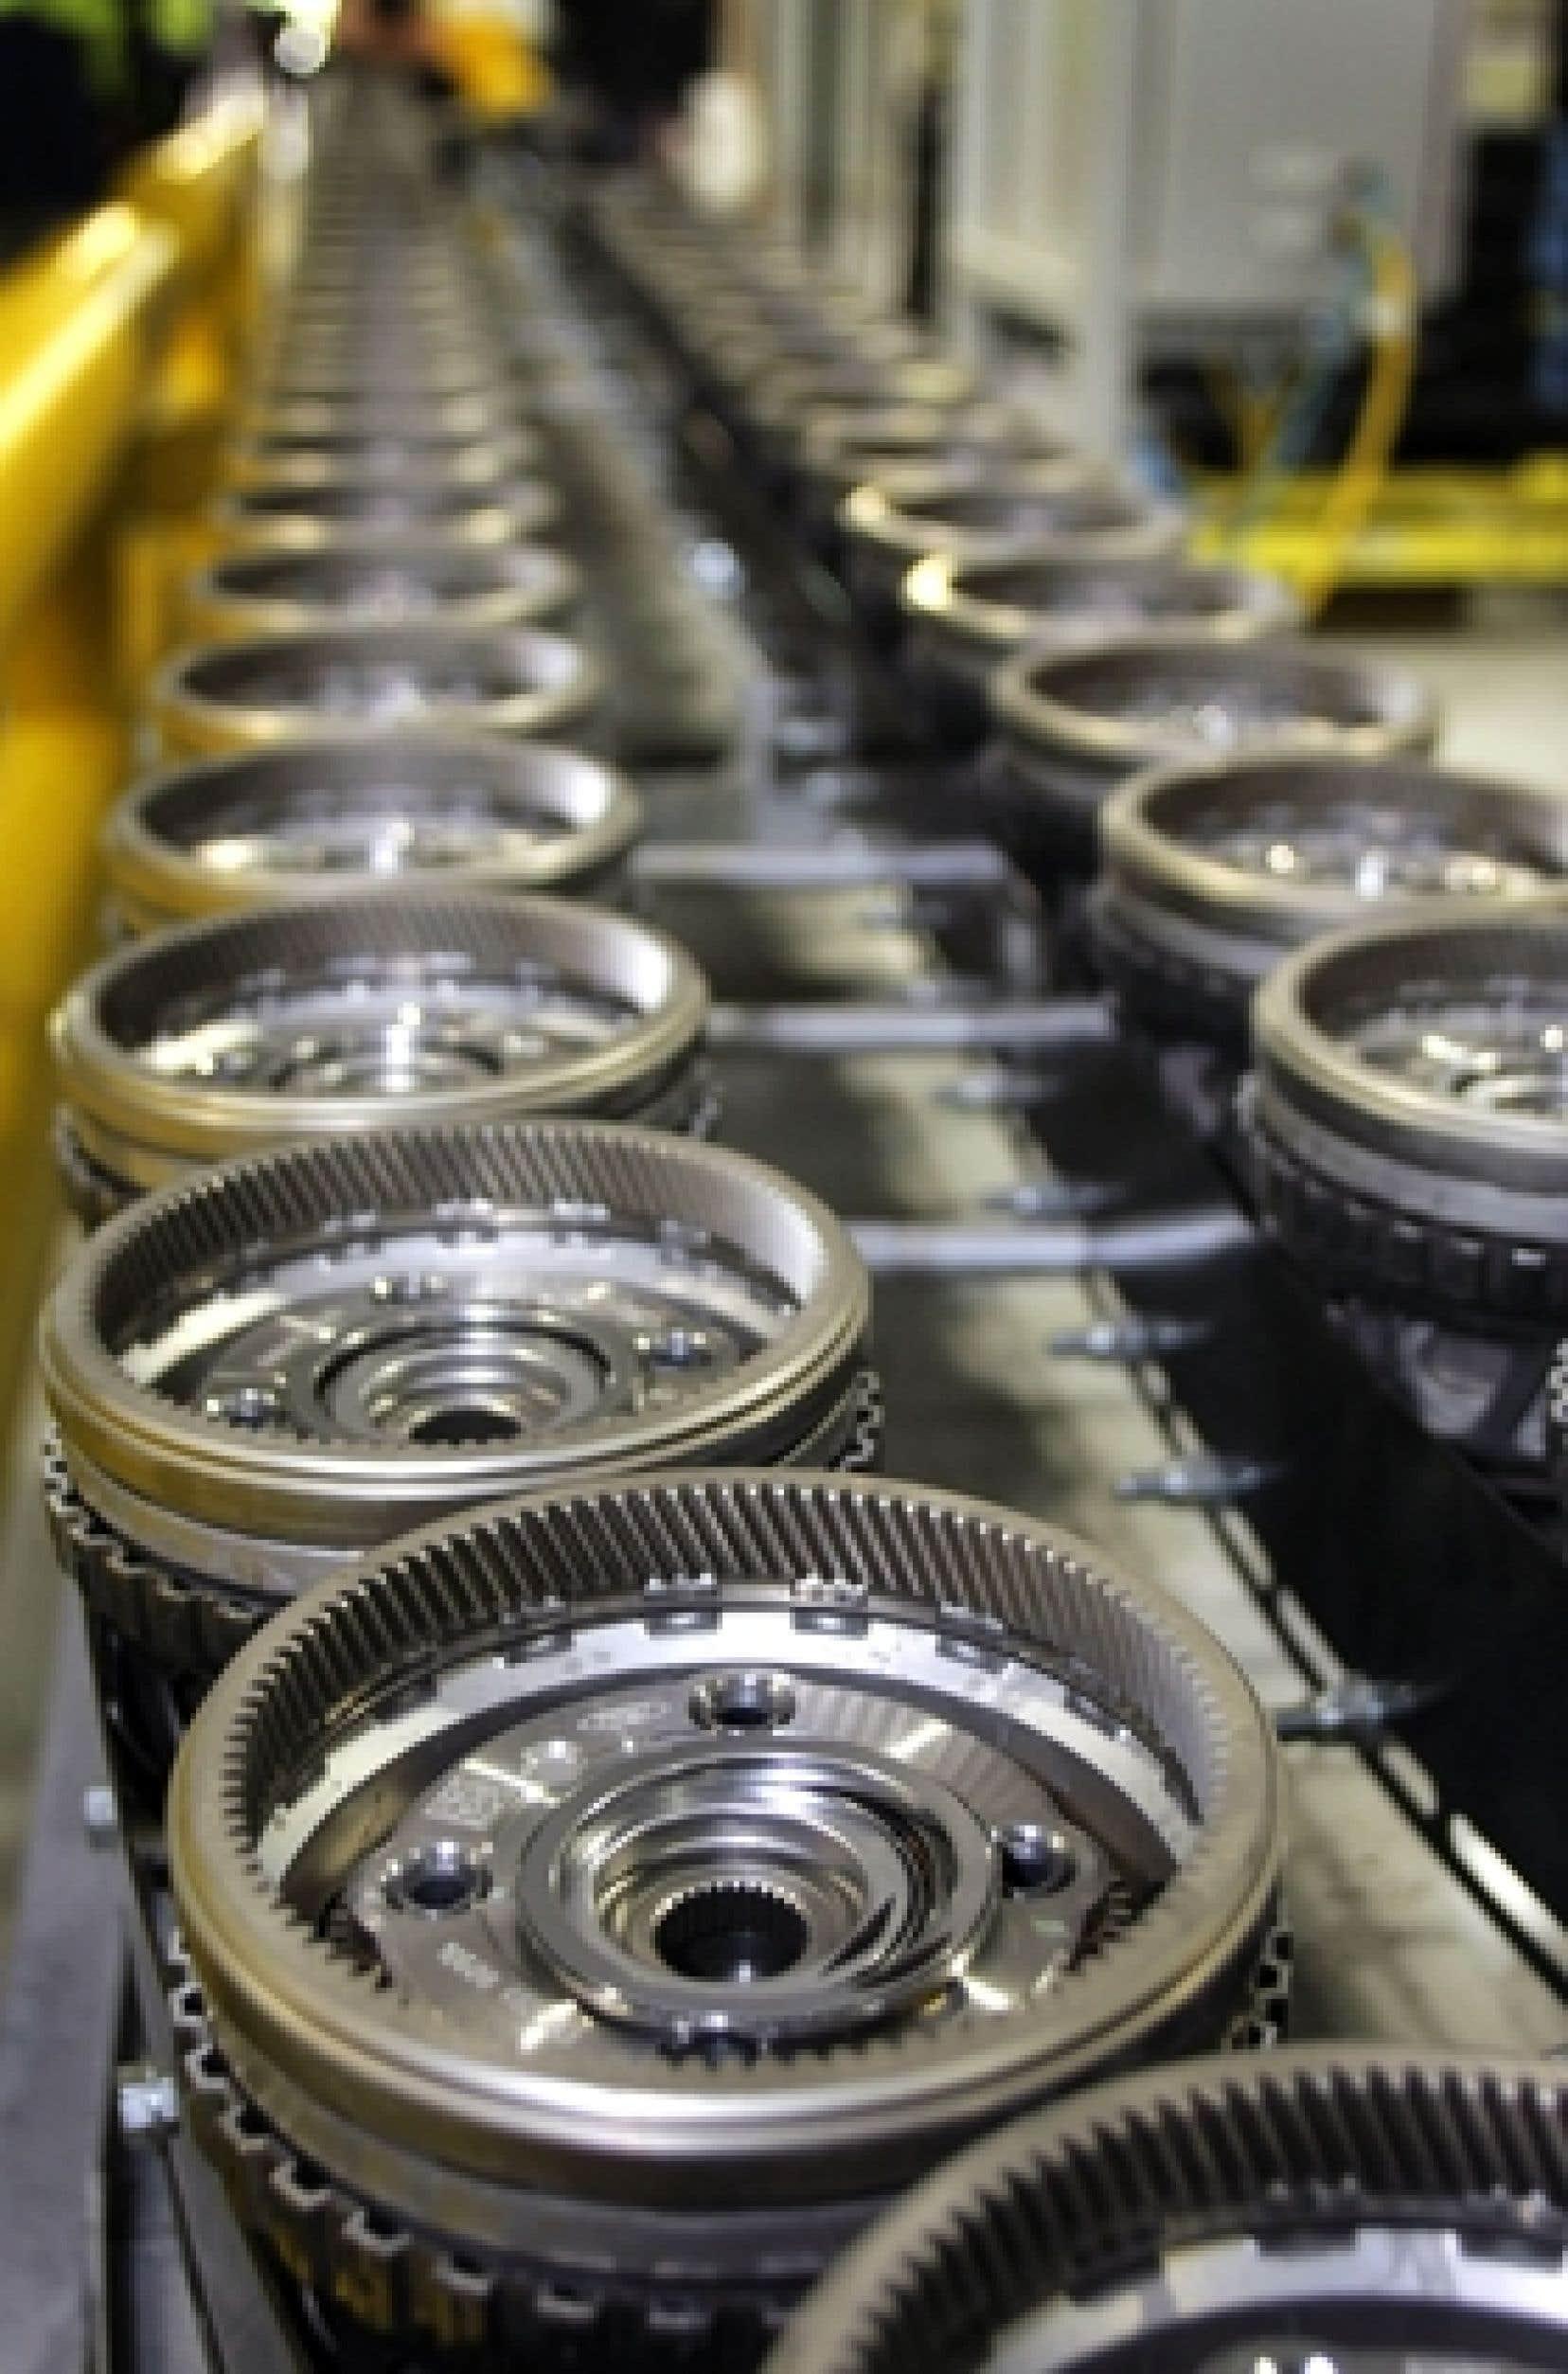 La baisse de la production est essentiellement le fait de l'industrie automobile et des composants électroniques, en raison de la baisse brutale de la demande aux États-Unis.